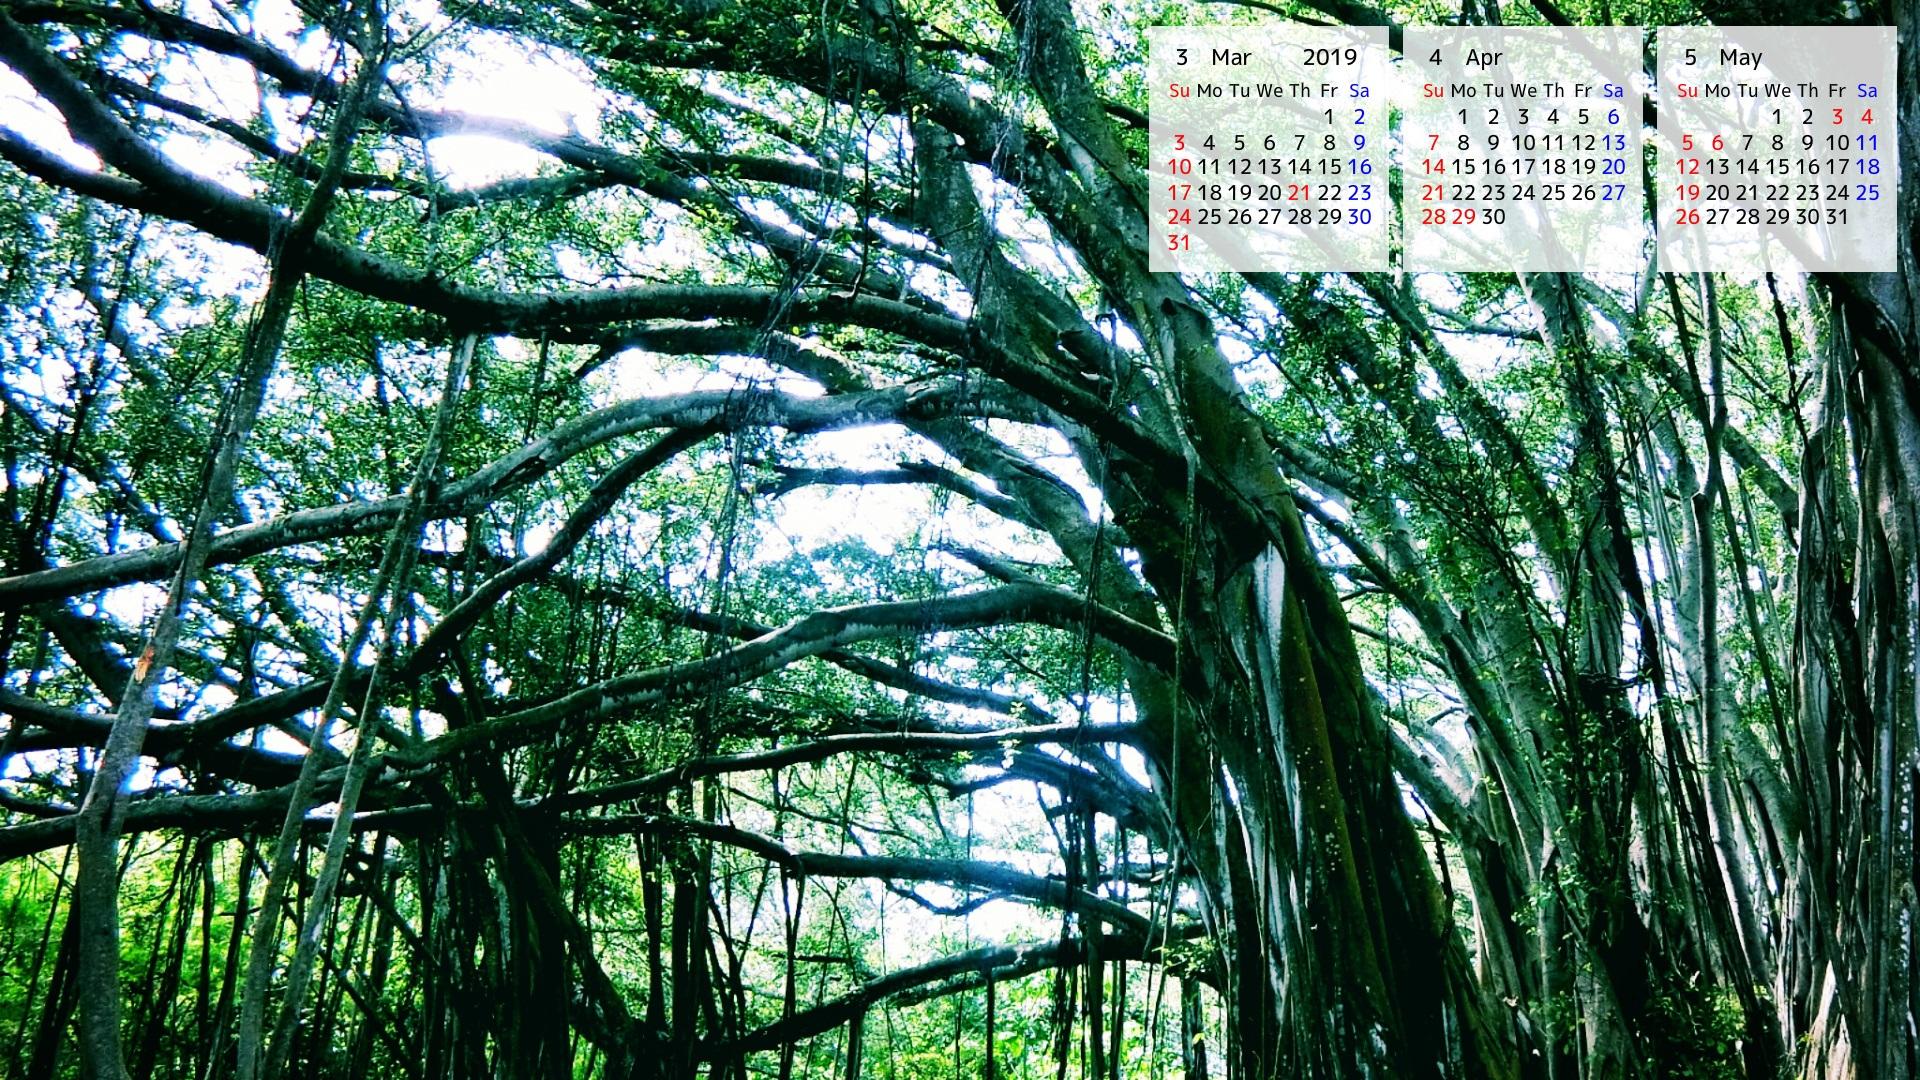 ハワイ壁紙カレンダー2019 ダウンロード ハワイ州観光局ニュース